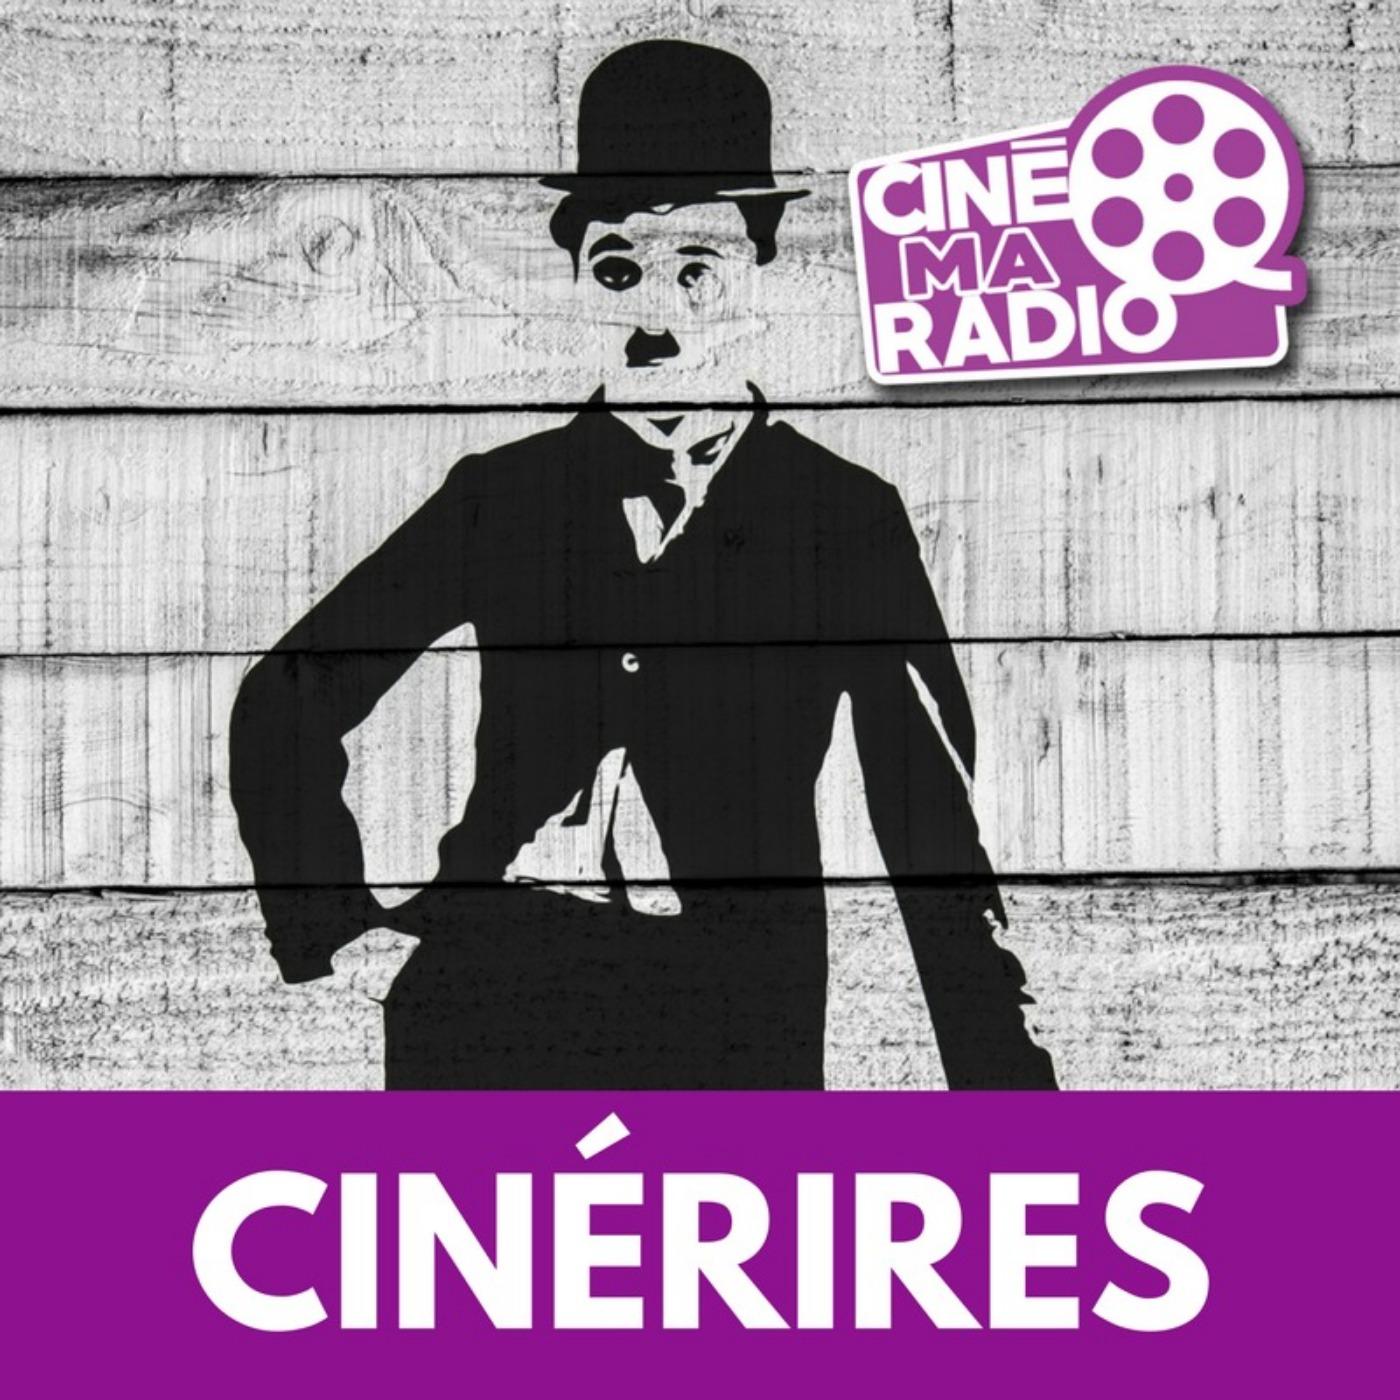 CRITIQUE DU FILM NOUS NOUS NOUS SOMMES TANT AIMES | CinéRires le podcast cinéma